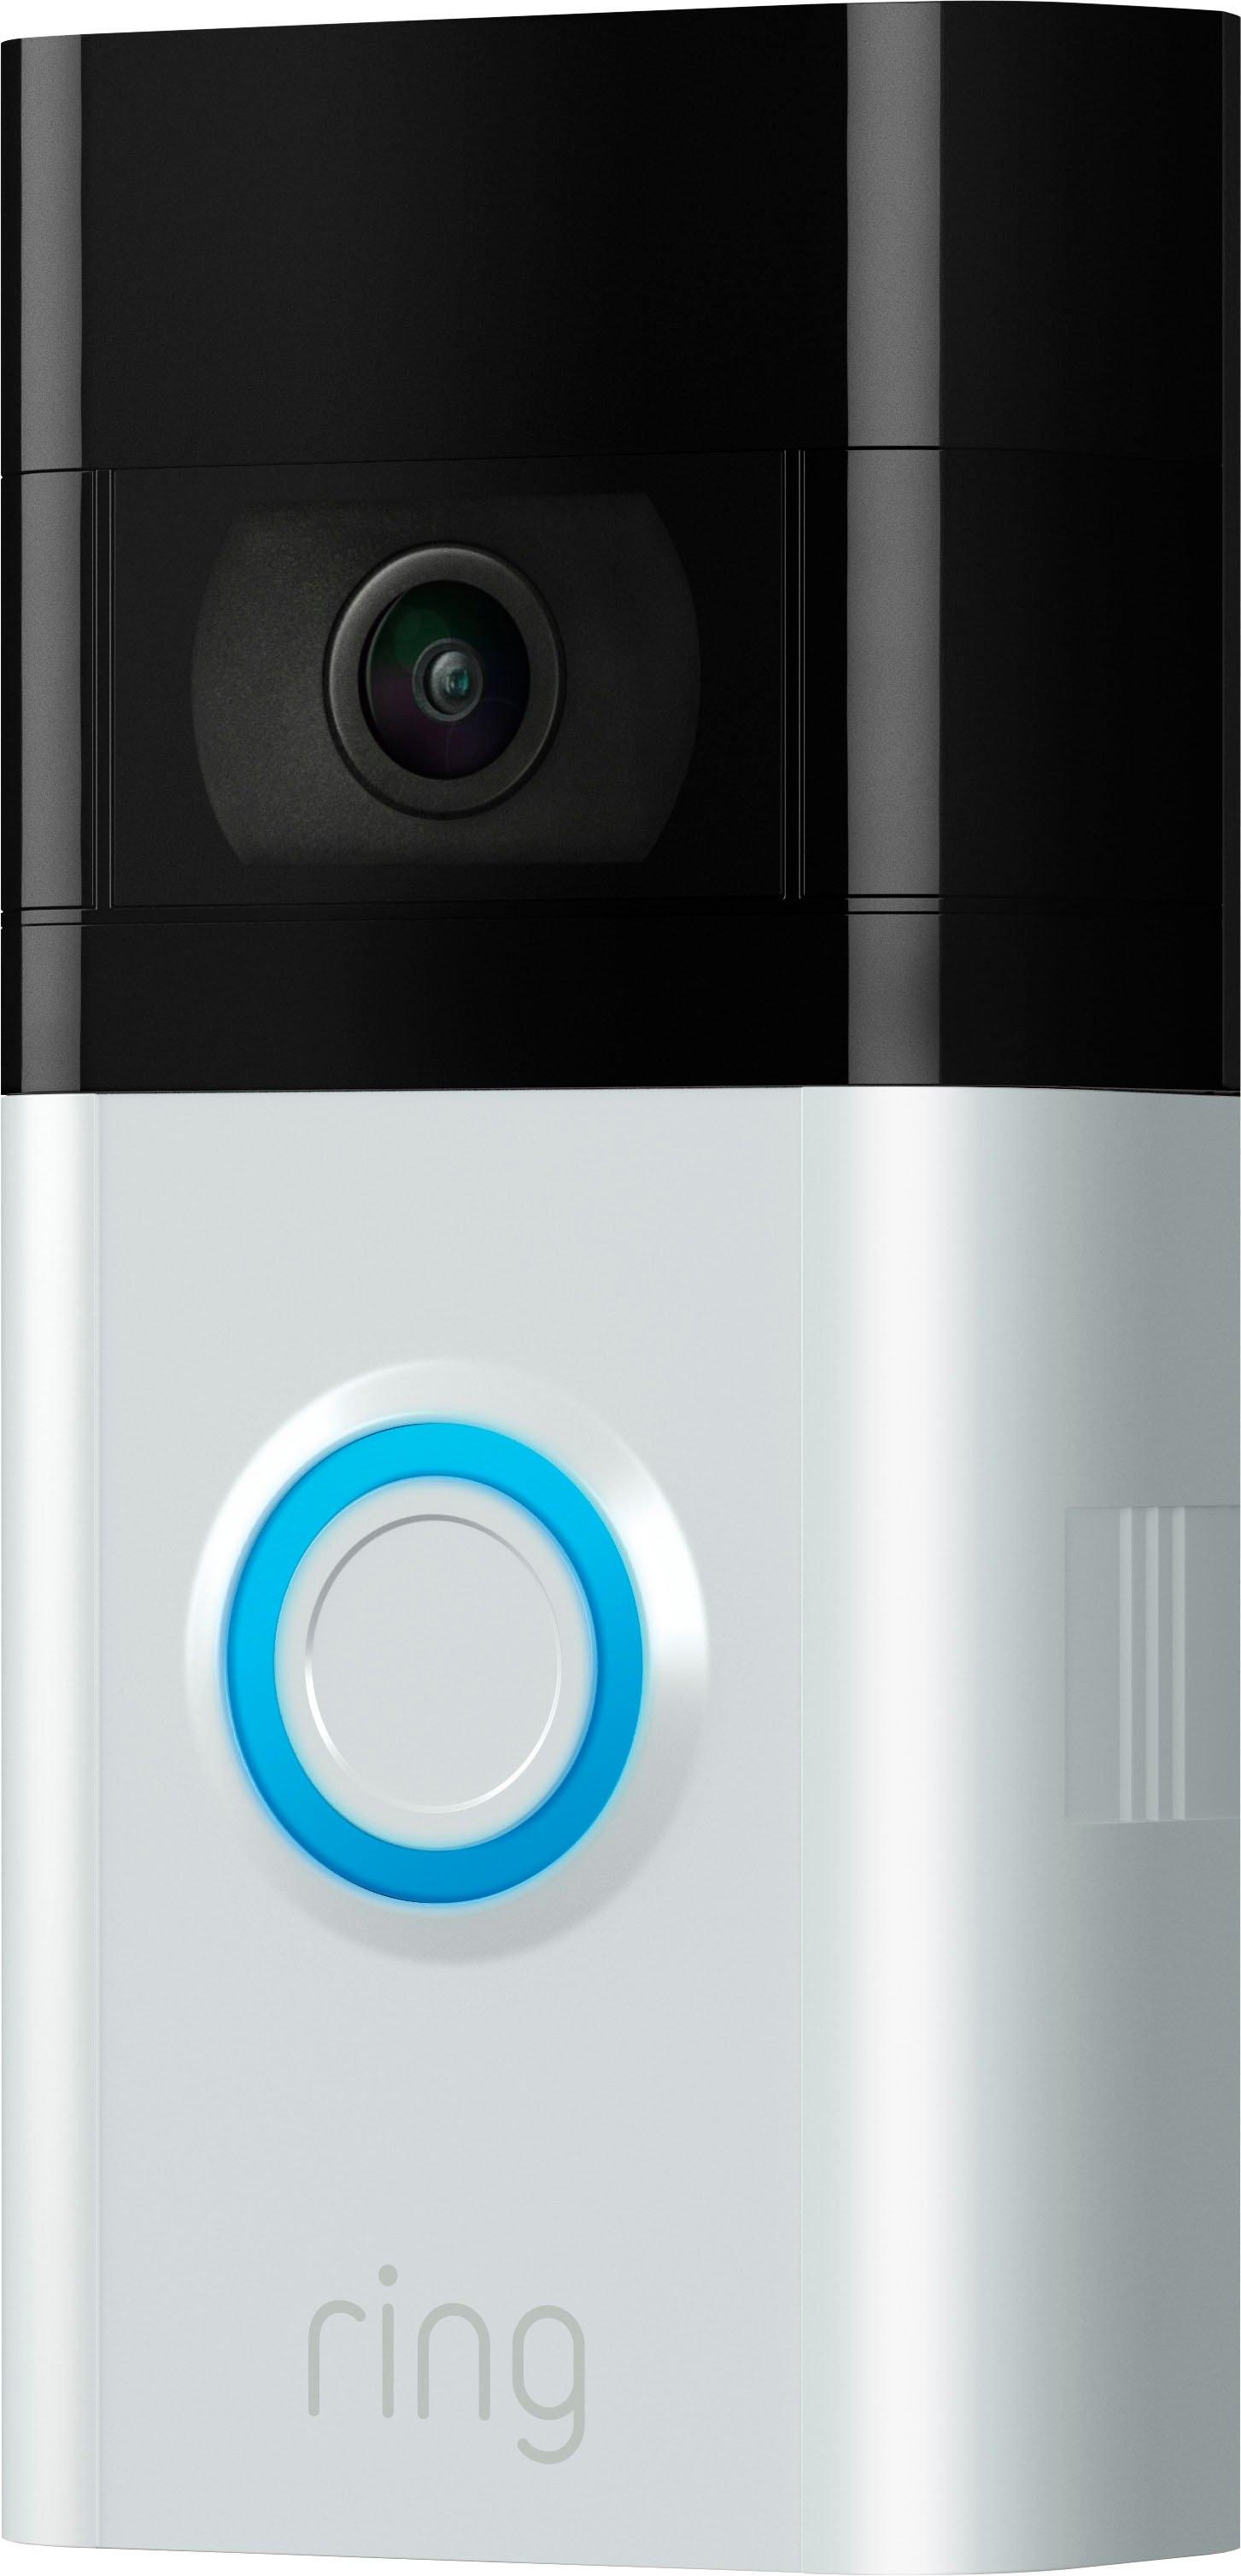 Ring »Video Doorbell 3« Smart Home-deurbel in de webshop van OTTO kopen